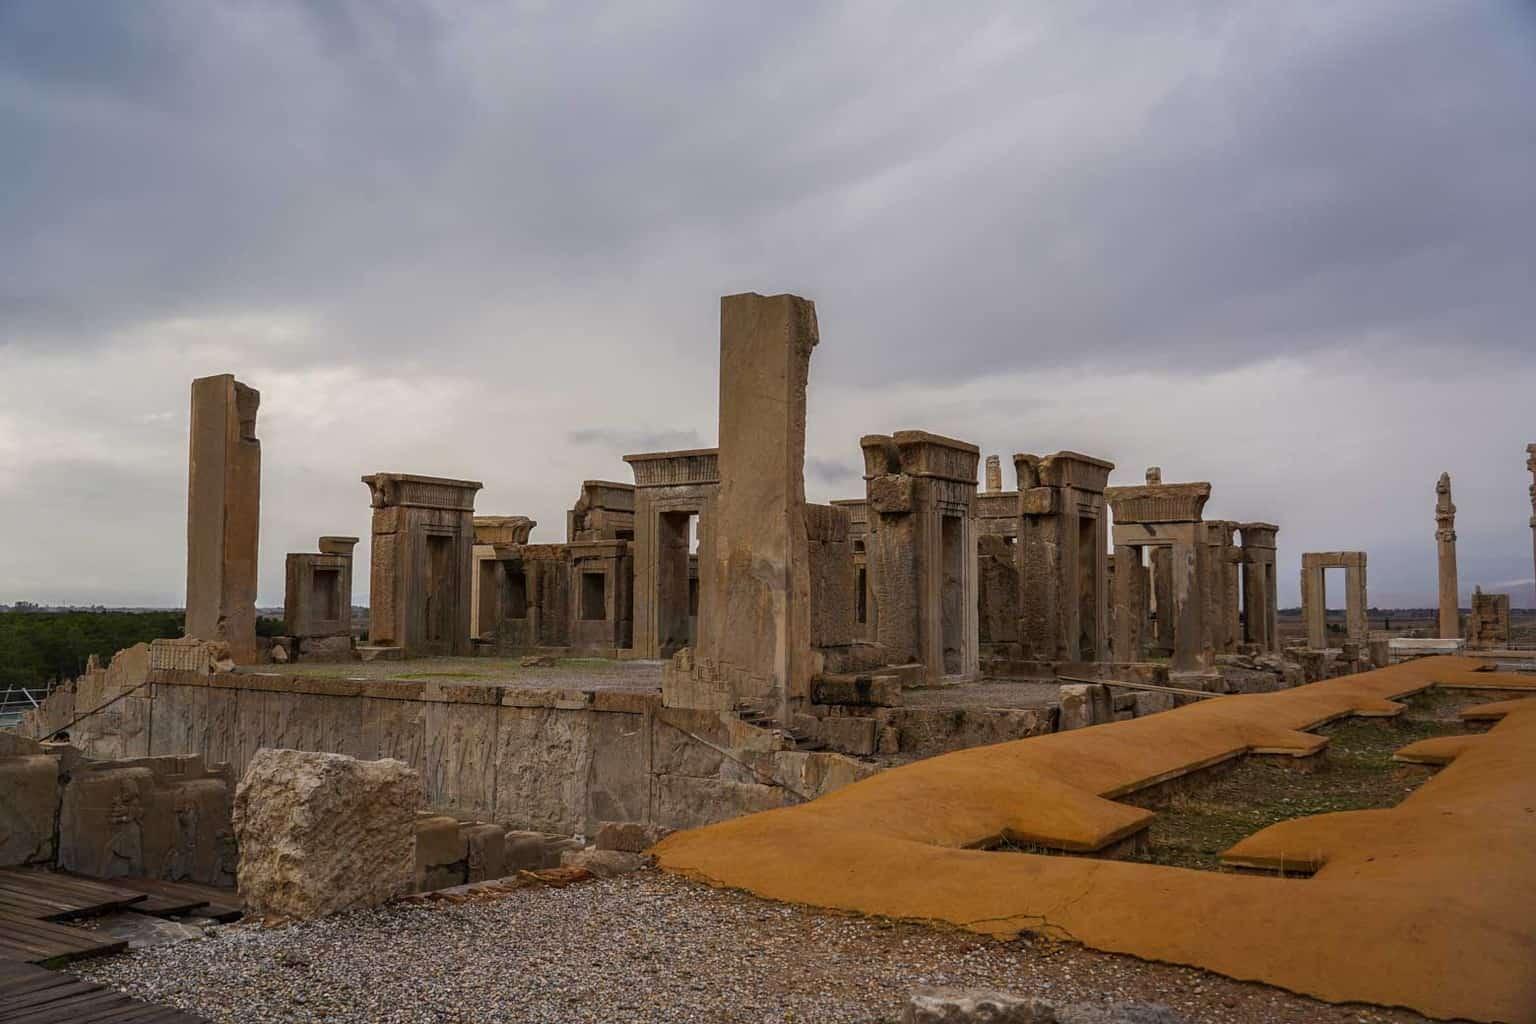 visting Persepolis in Iran